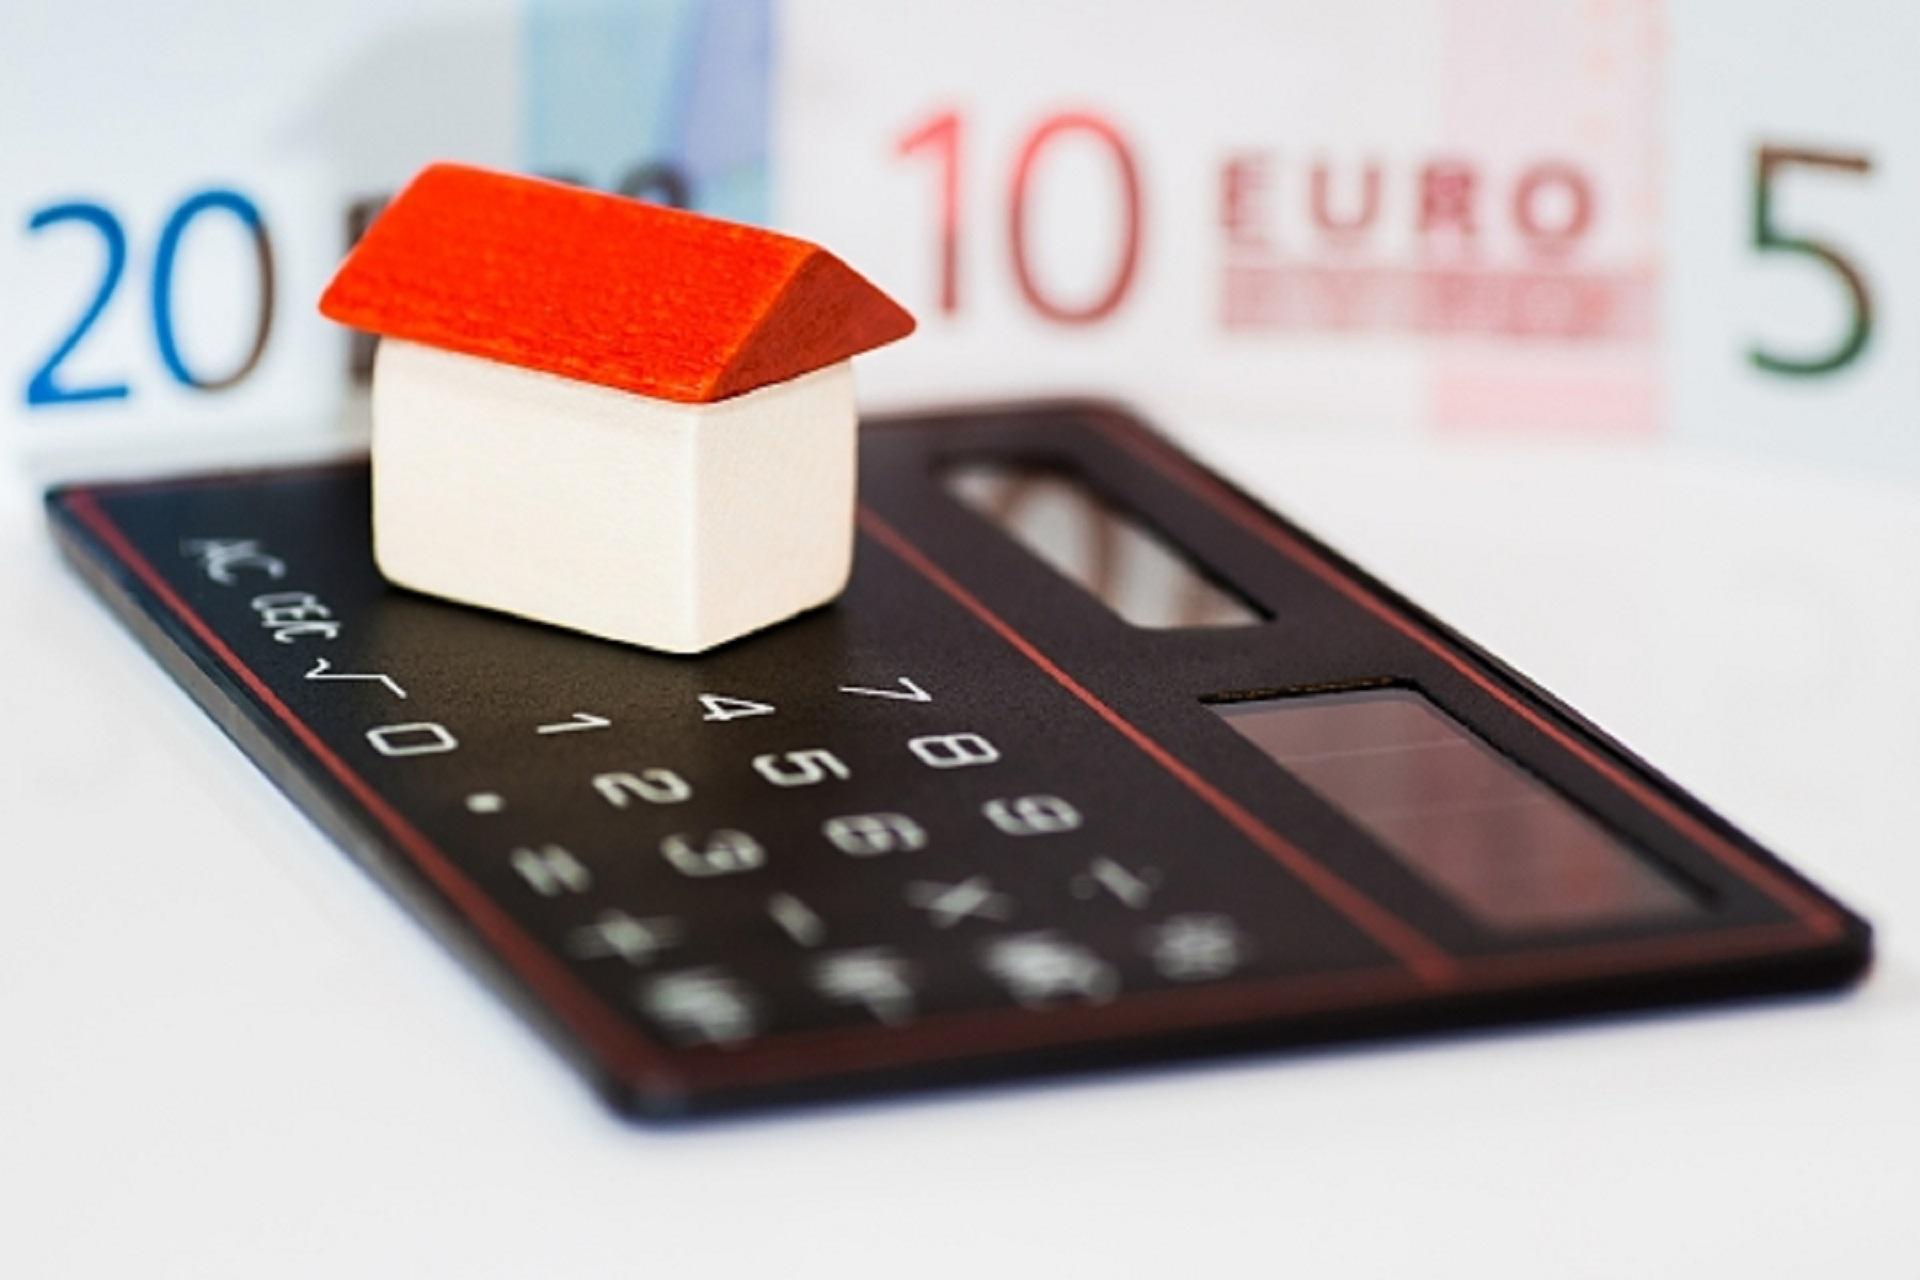 Je výhodnější vlastní nebo nájemní bydlení?